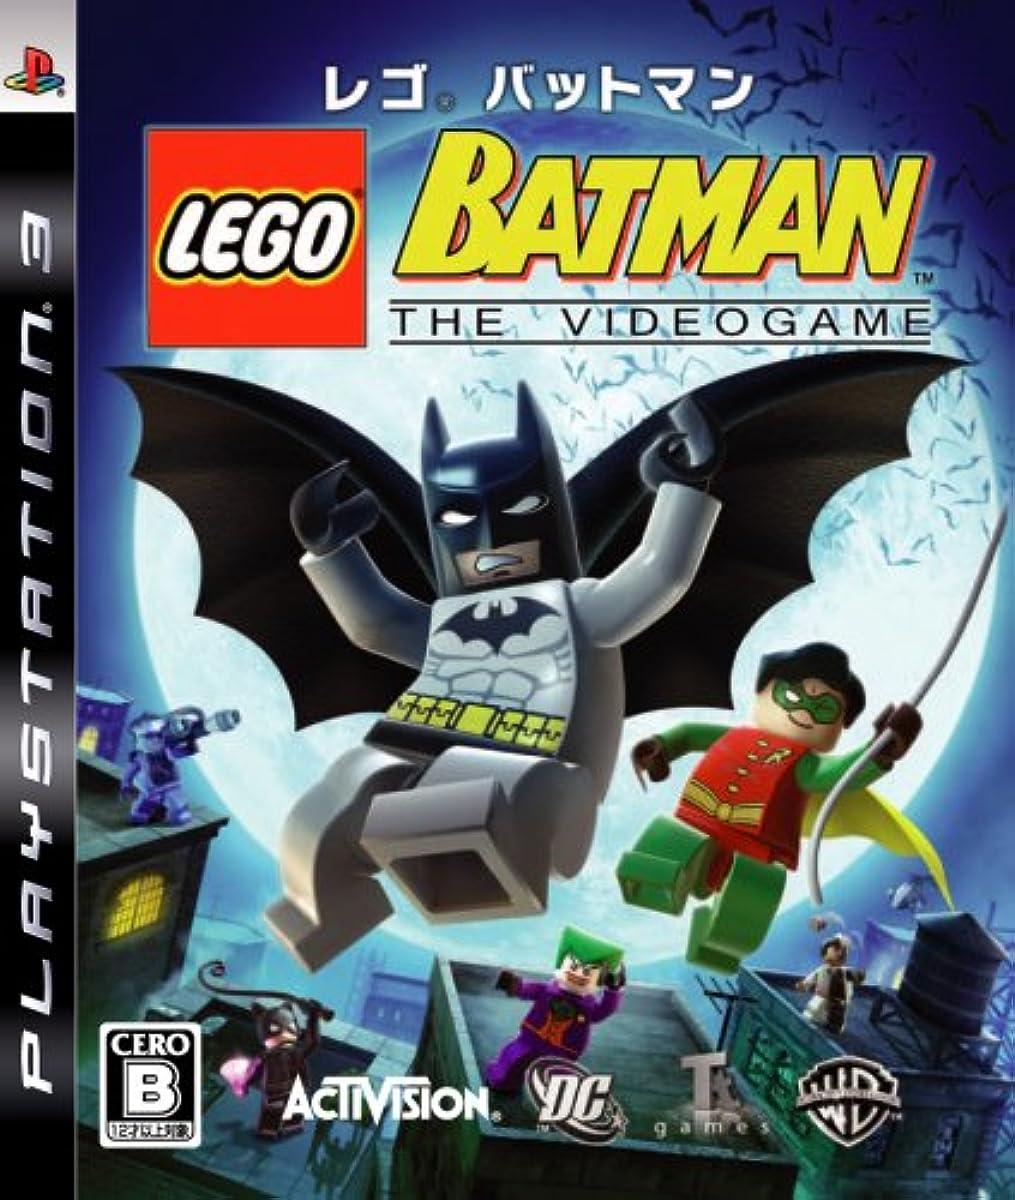 [해외] 레고 배트맨 - PS3